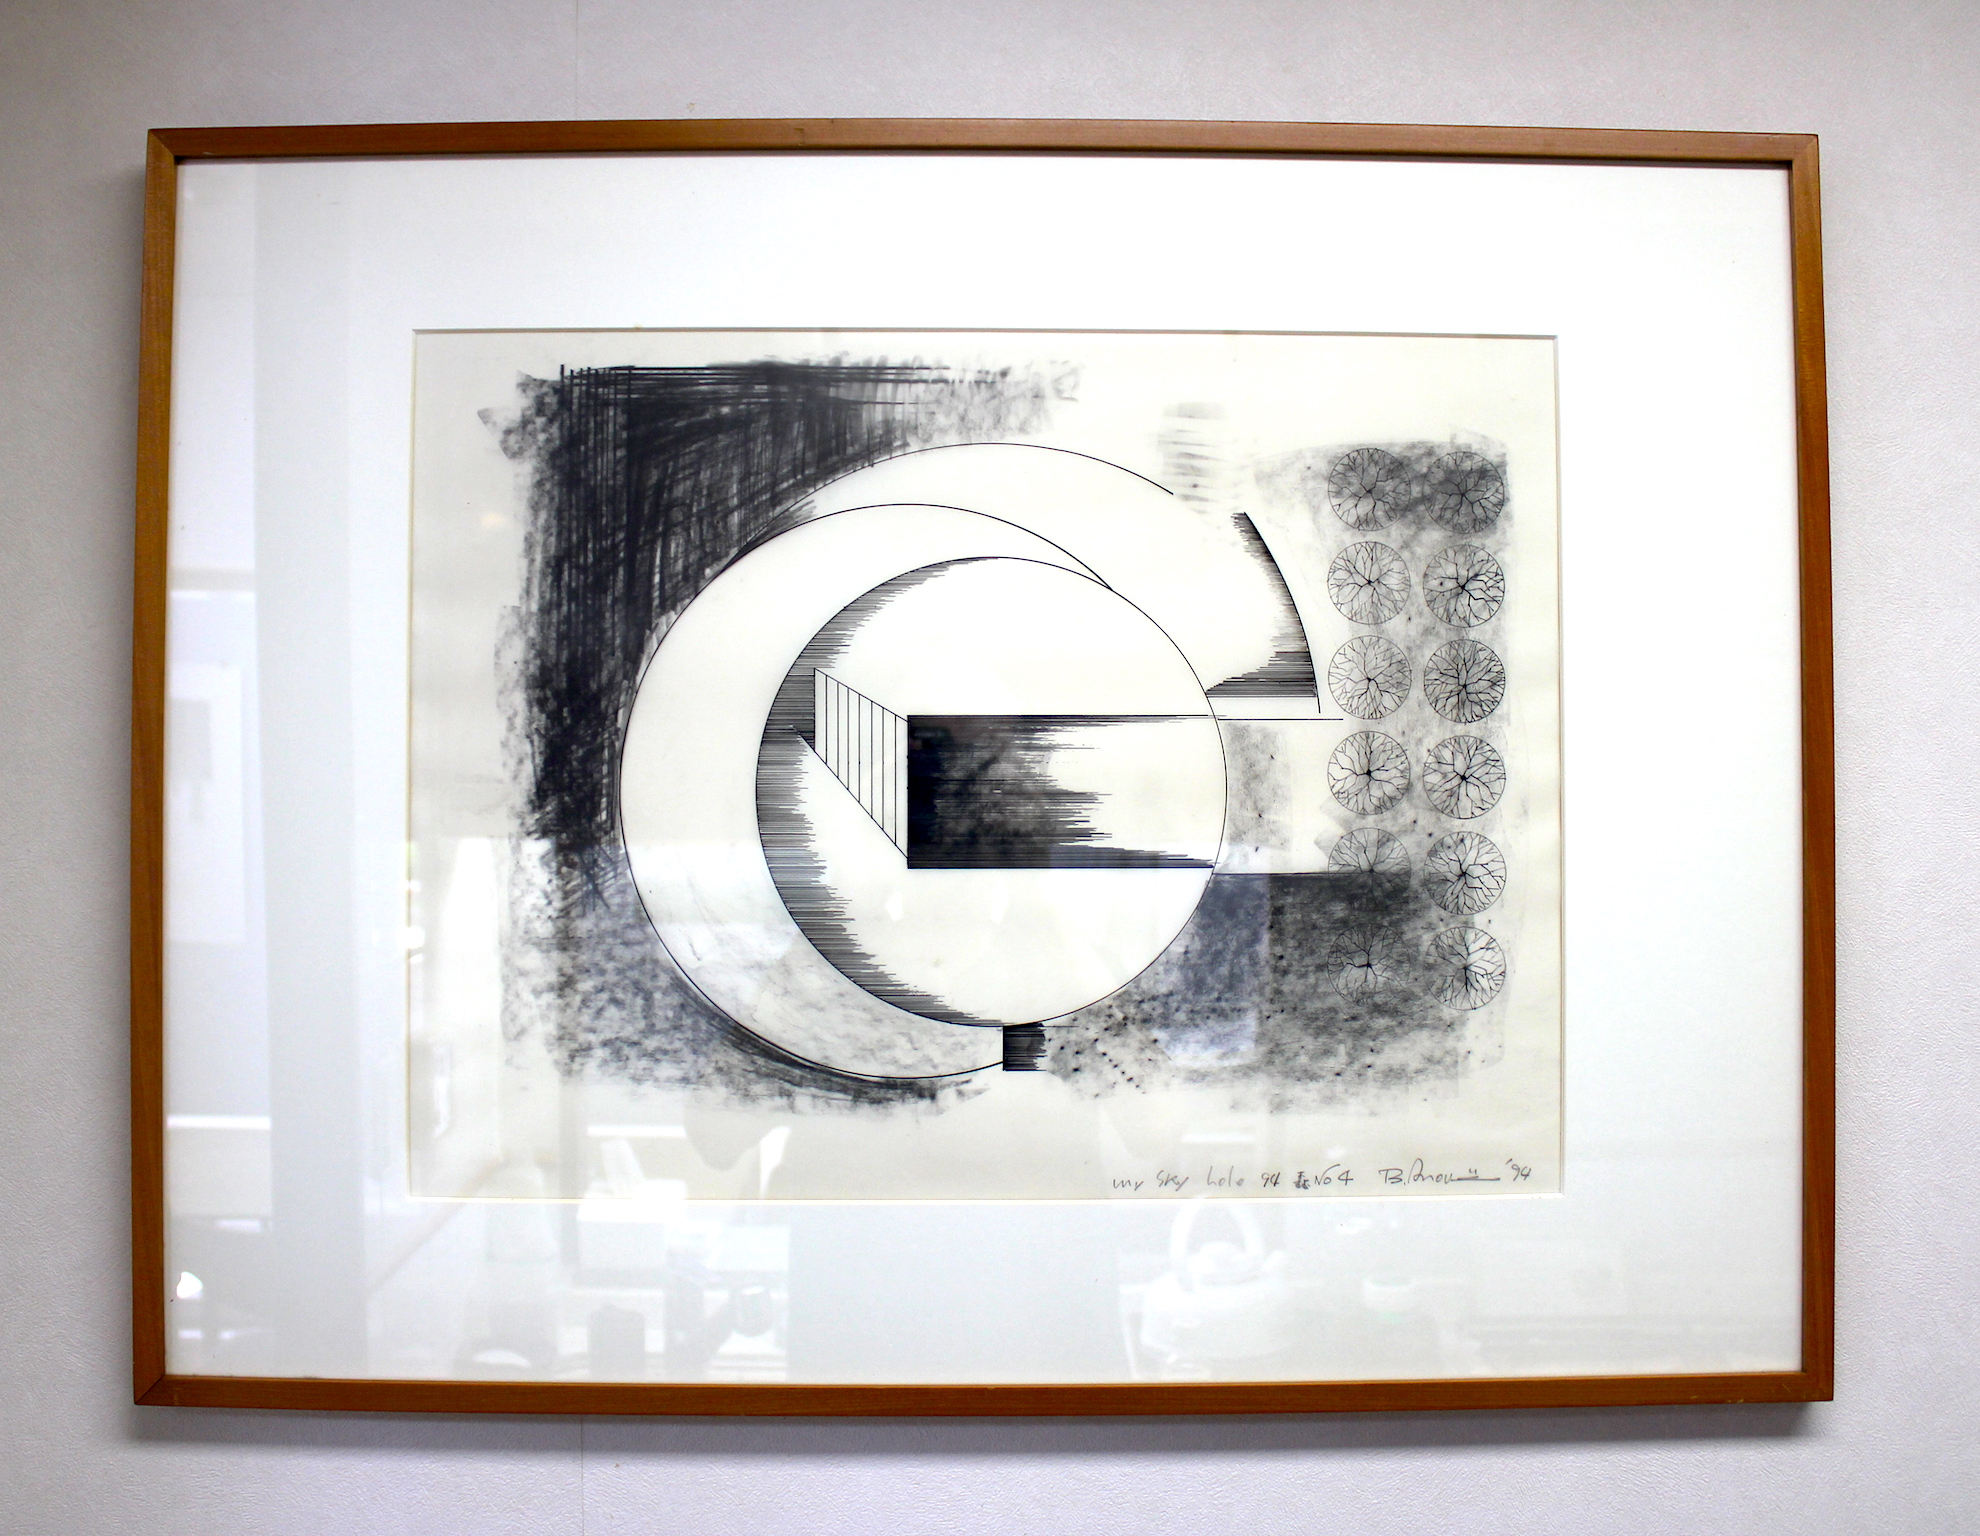 Bukichi Inoue /  井上武吉 My sky hole 94,森  木炭、ロットリングペン、紙 1994年